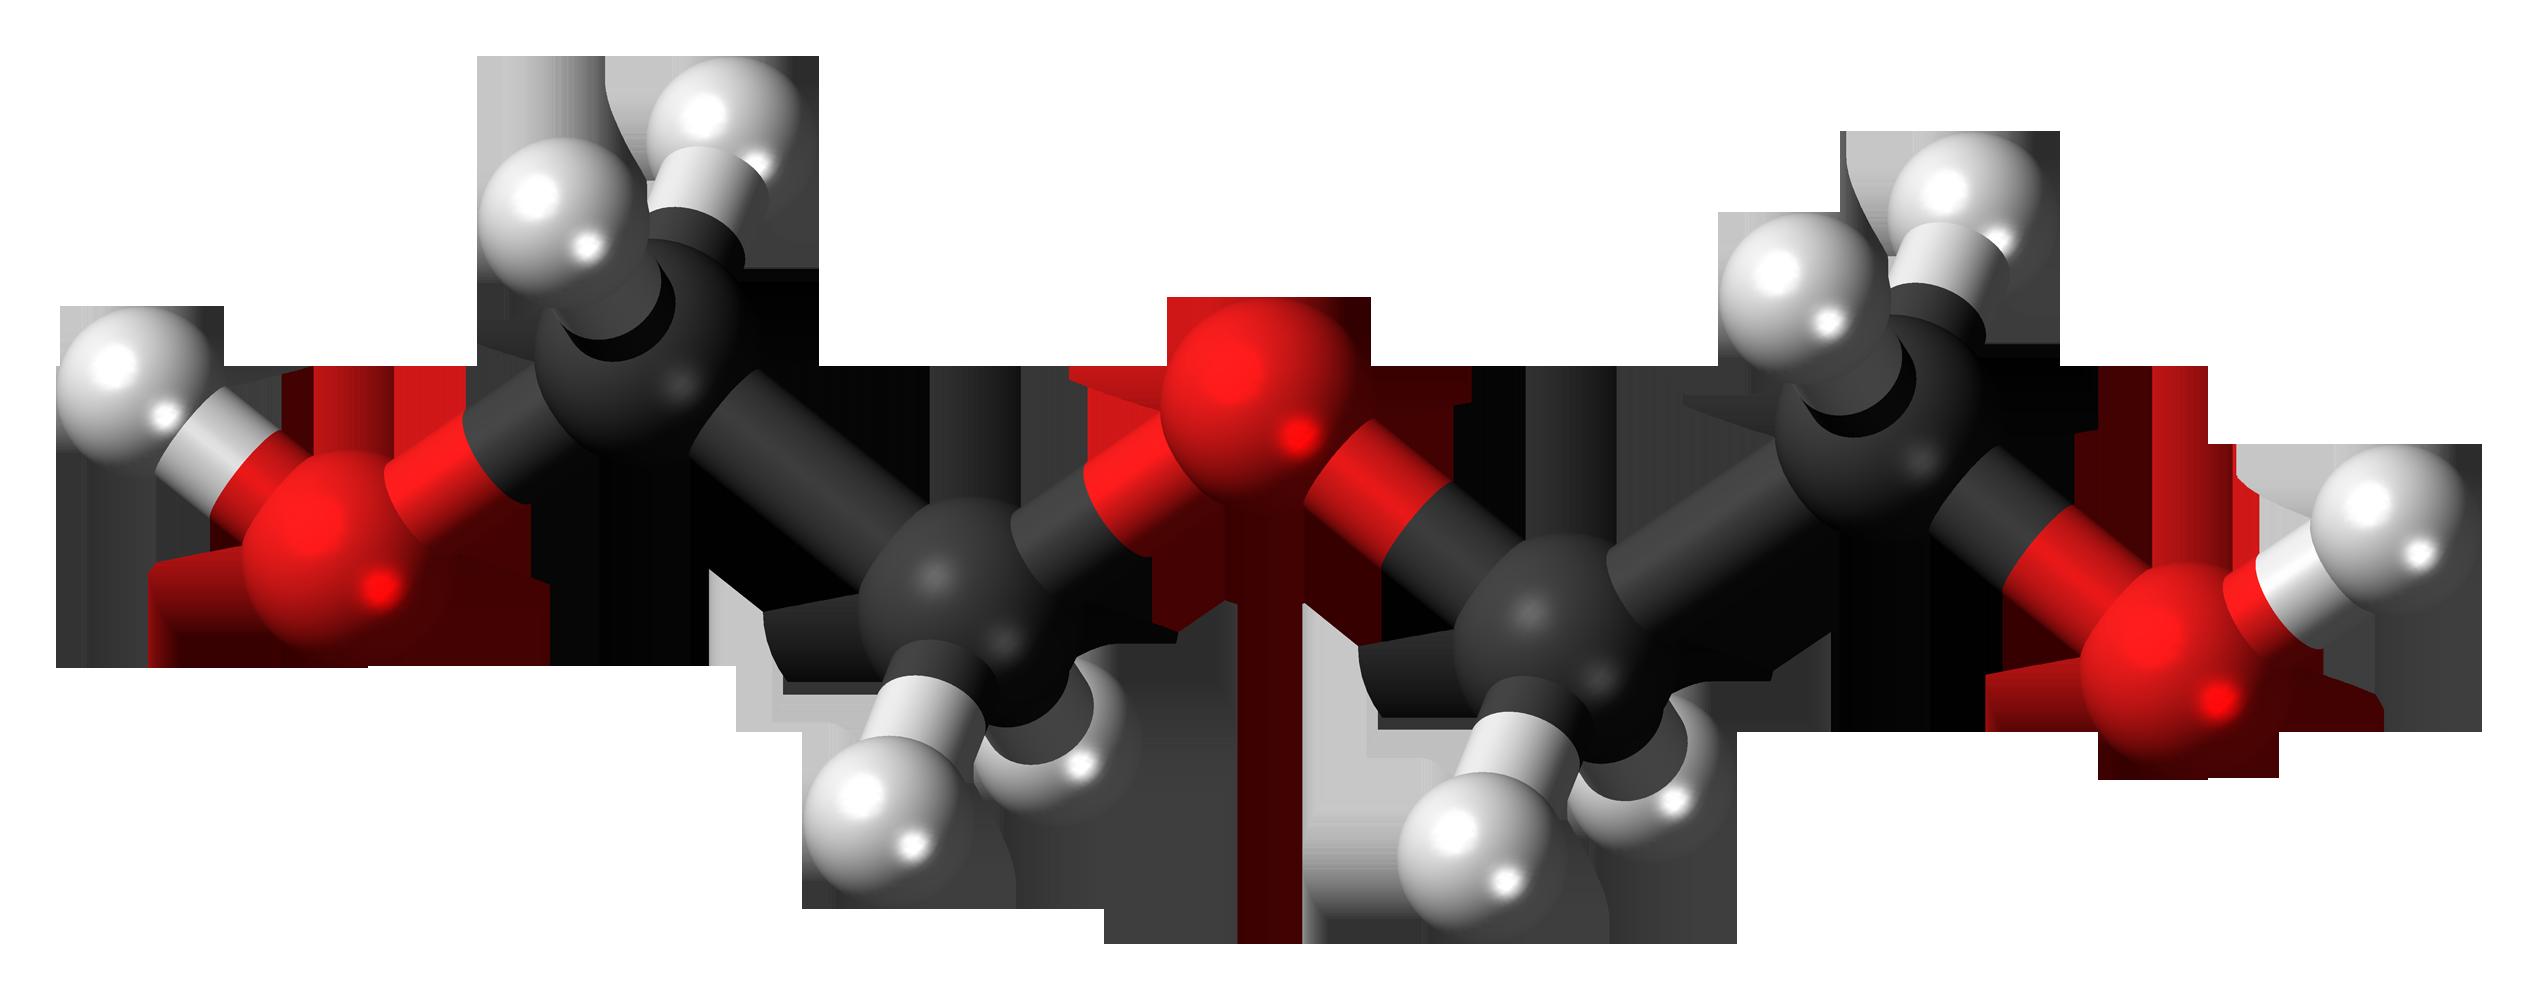 Diethylene glycol - Wikipedia